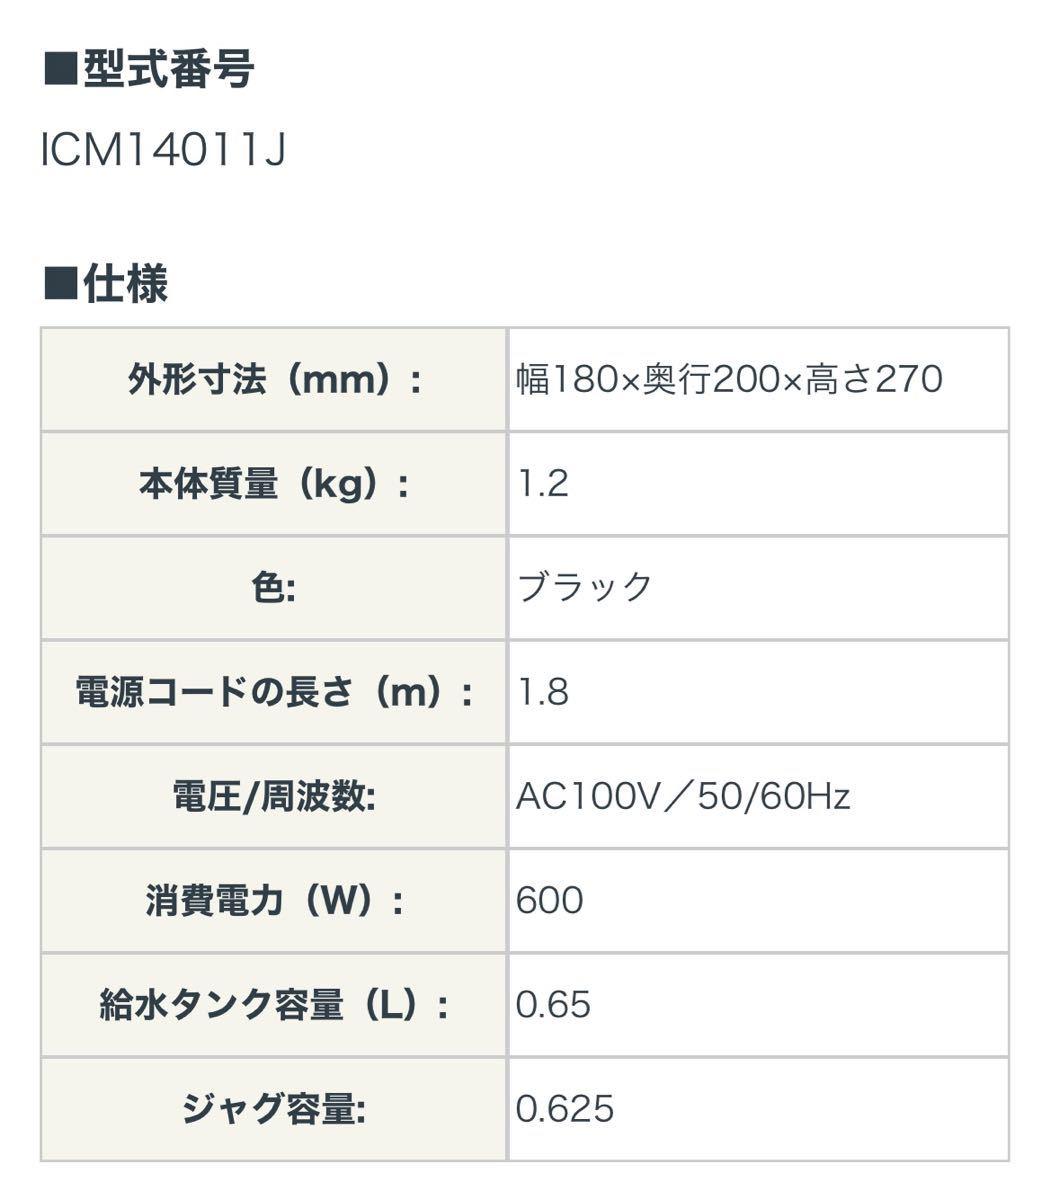 デロンギ ドリップコーヒーメーカー ICM14011J DeLonghi デロンギコーヒーメーカー